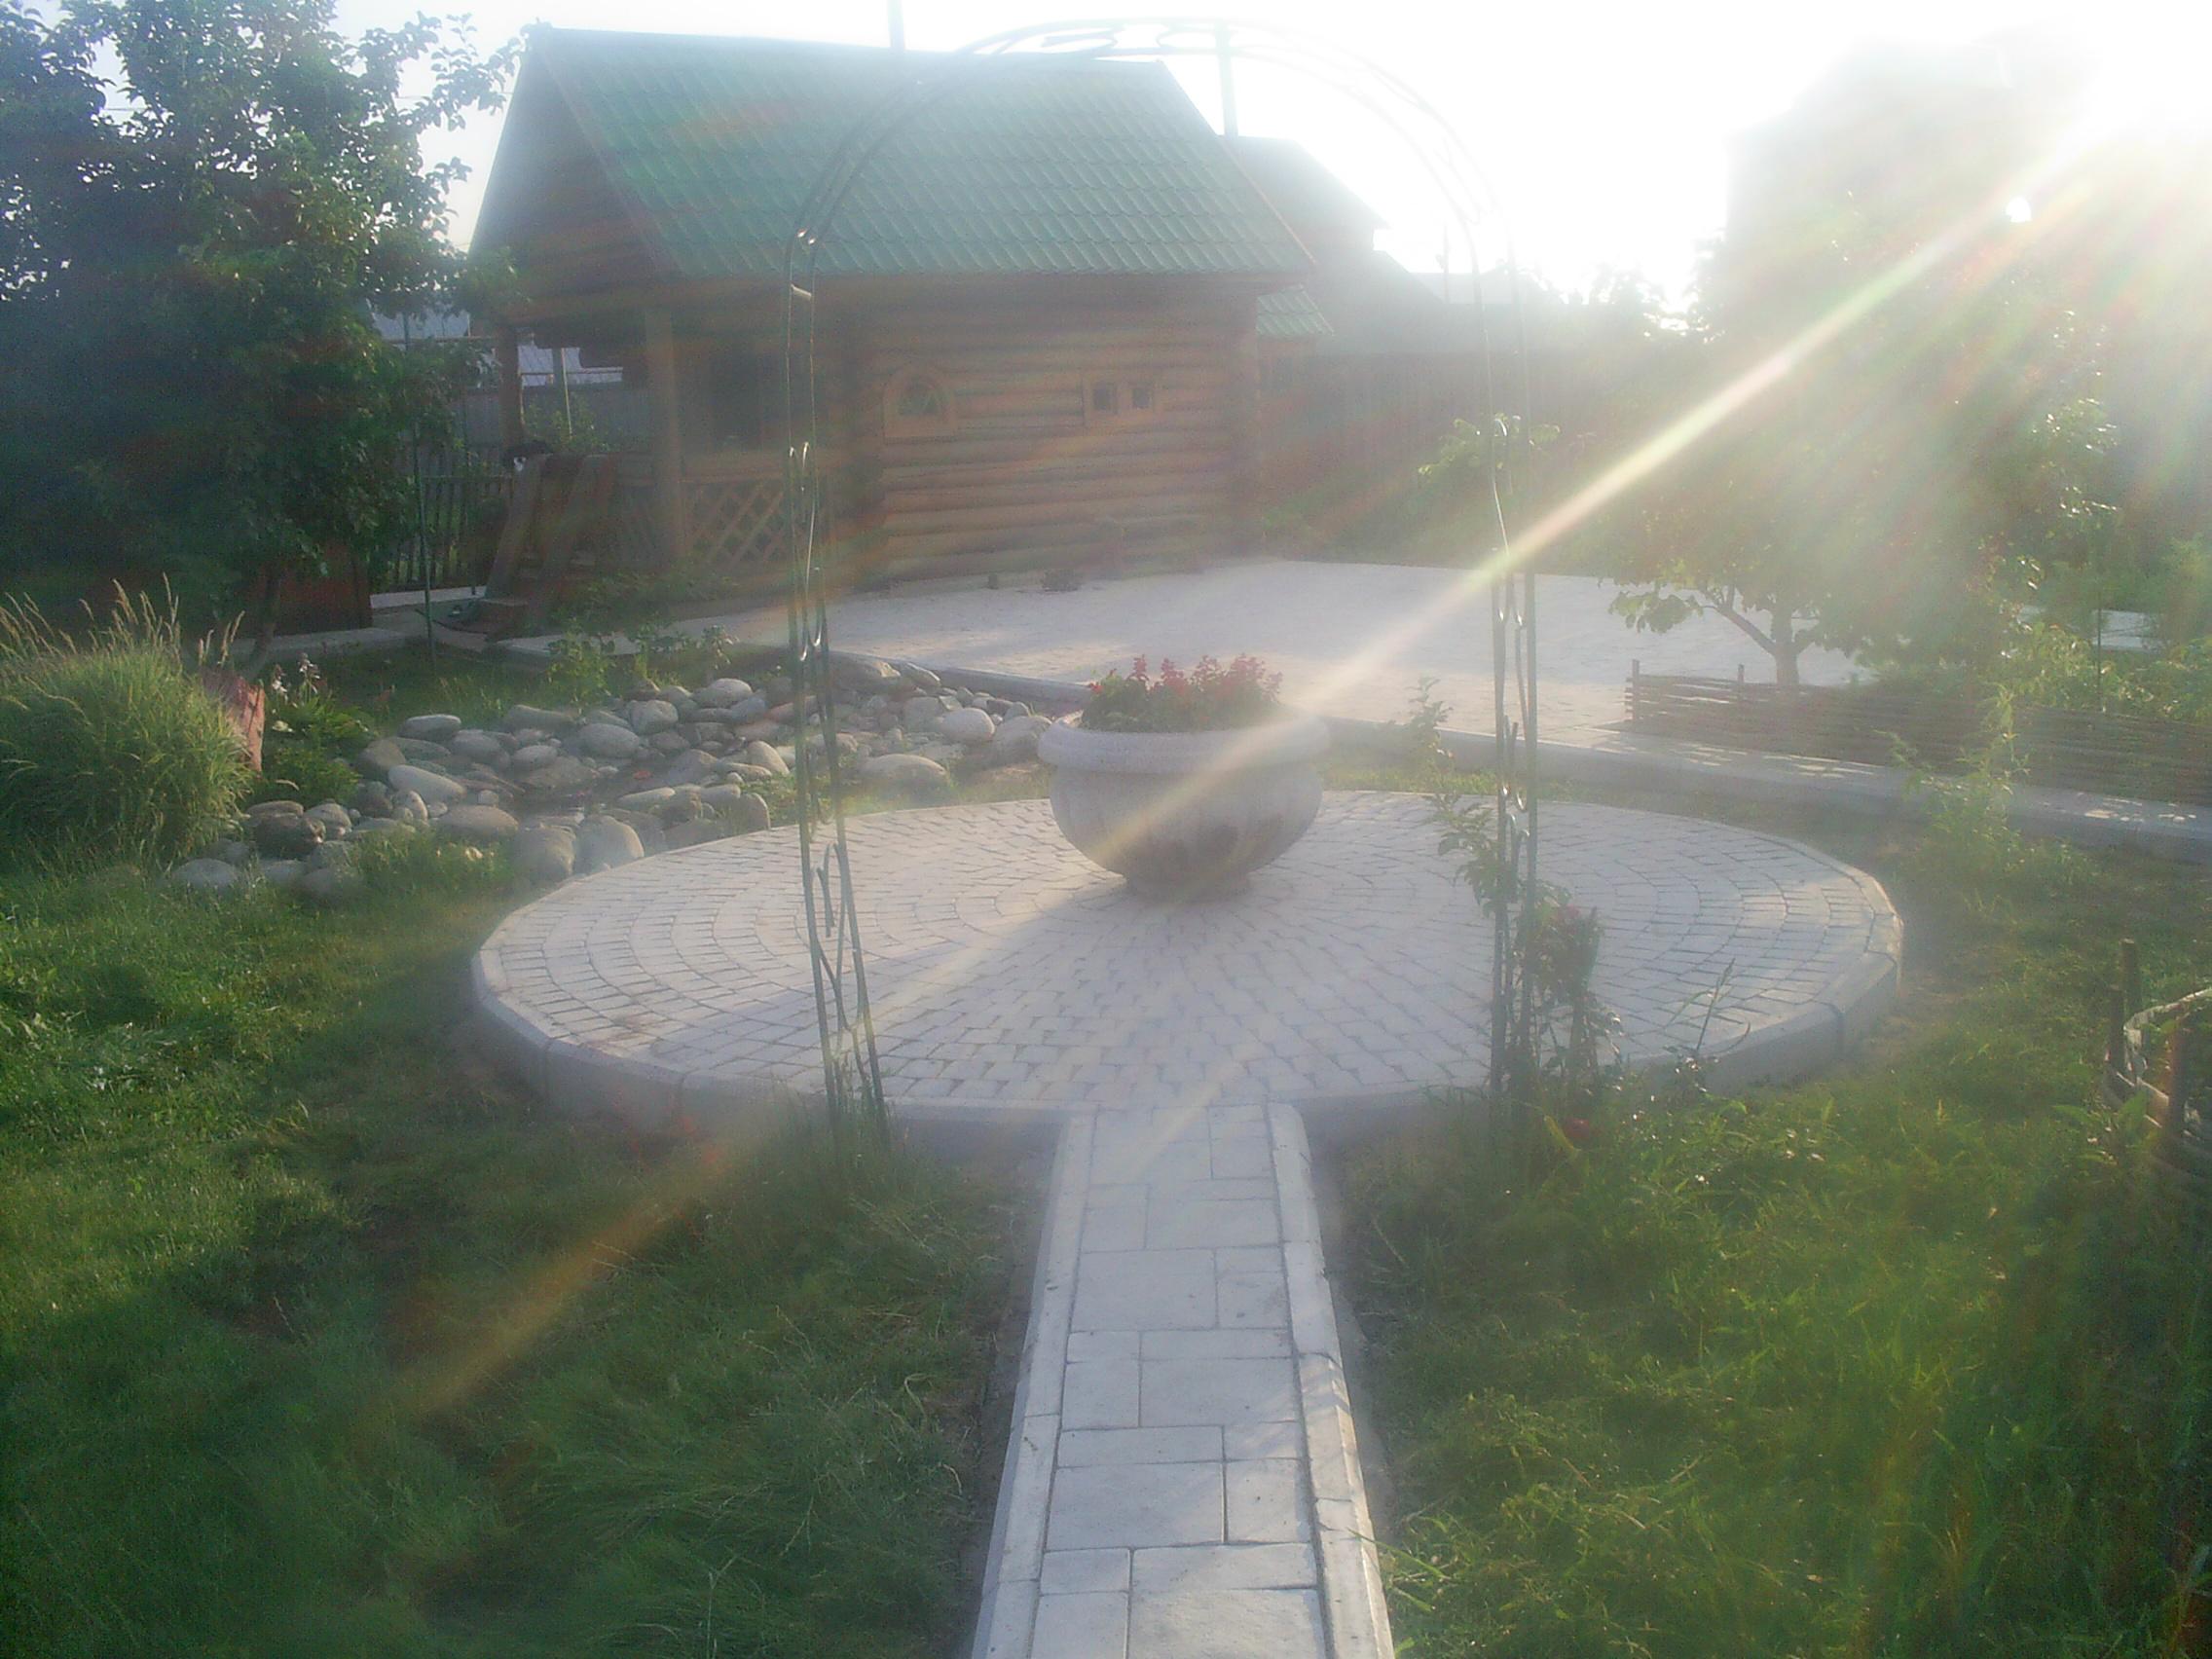 http://plitka-omsk55.ru/images/upload/S4020024.JPG